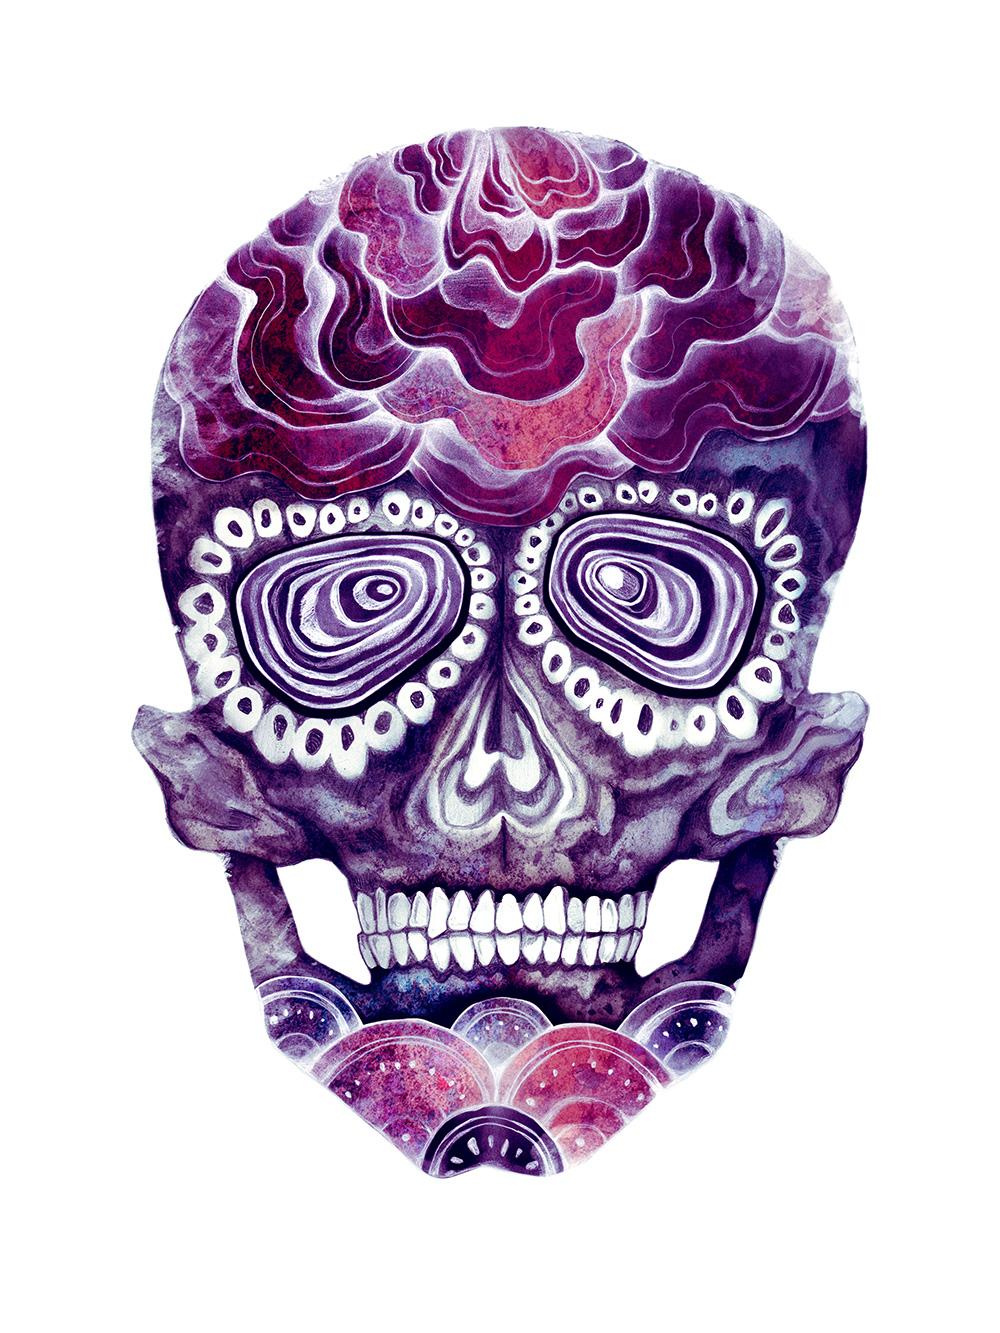 ScotchSodaPoster_ZSO_skull.jpg